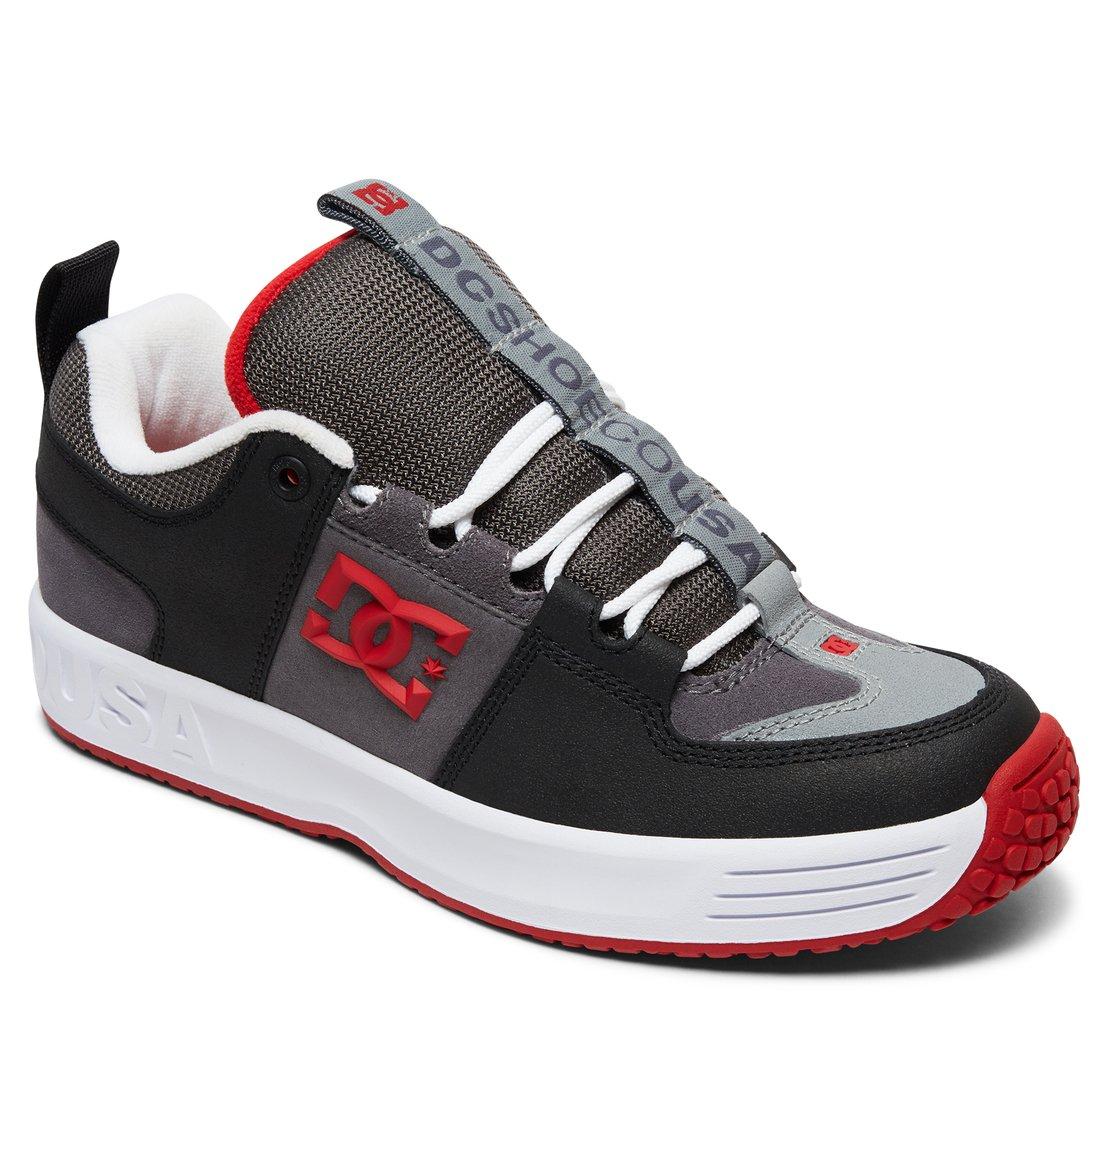 dc shoes Lynx OG - Scarpe da skate da Uomo - Gray - DC Shoes yteT9